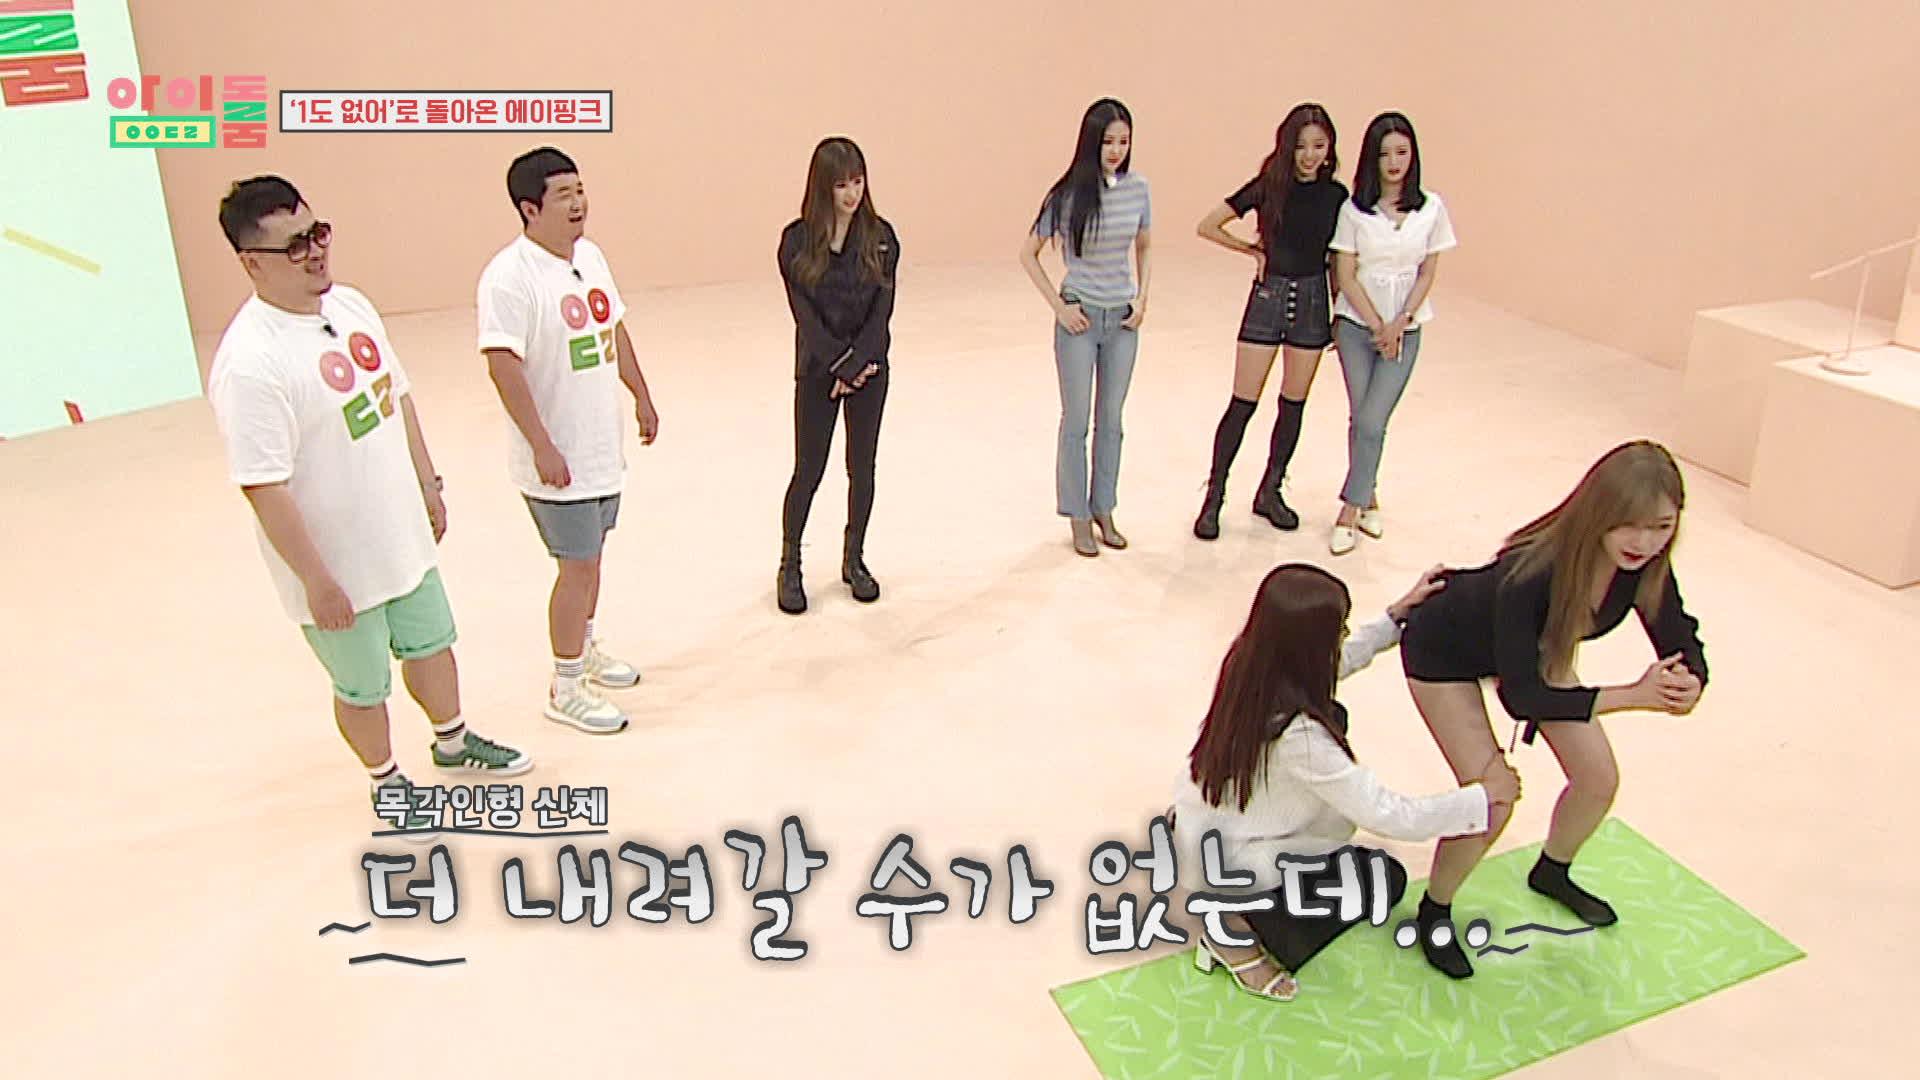 아이돌룸(IDOL ROOM) 9회 - 지옥에서 온 트레이너 정은지의 PT 타임 Workout time with Eun-ji, the trainer from hell